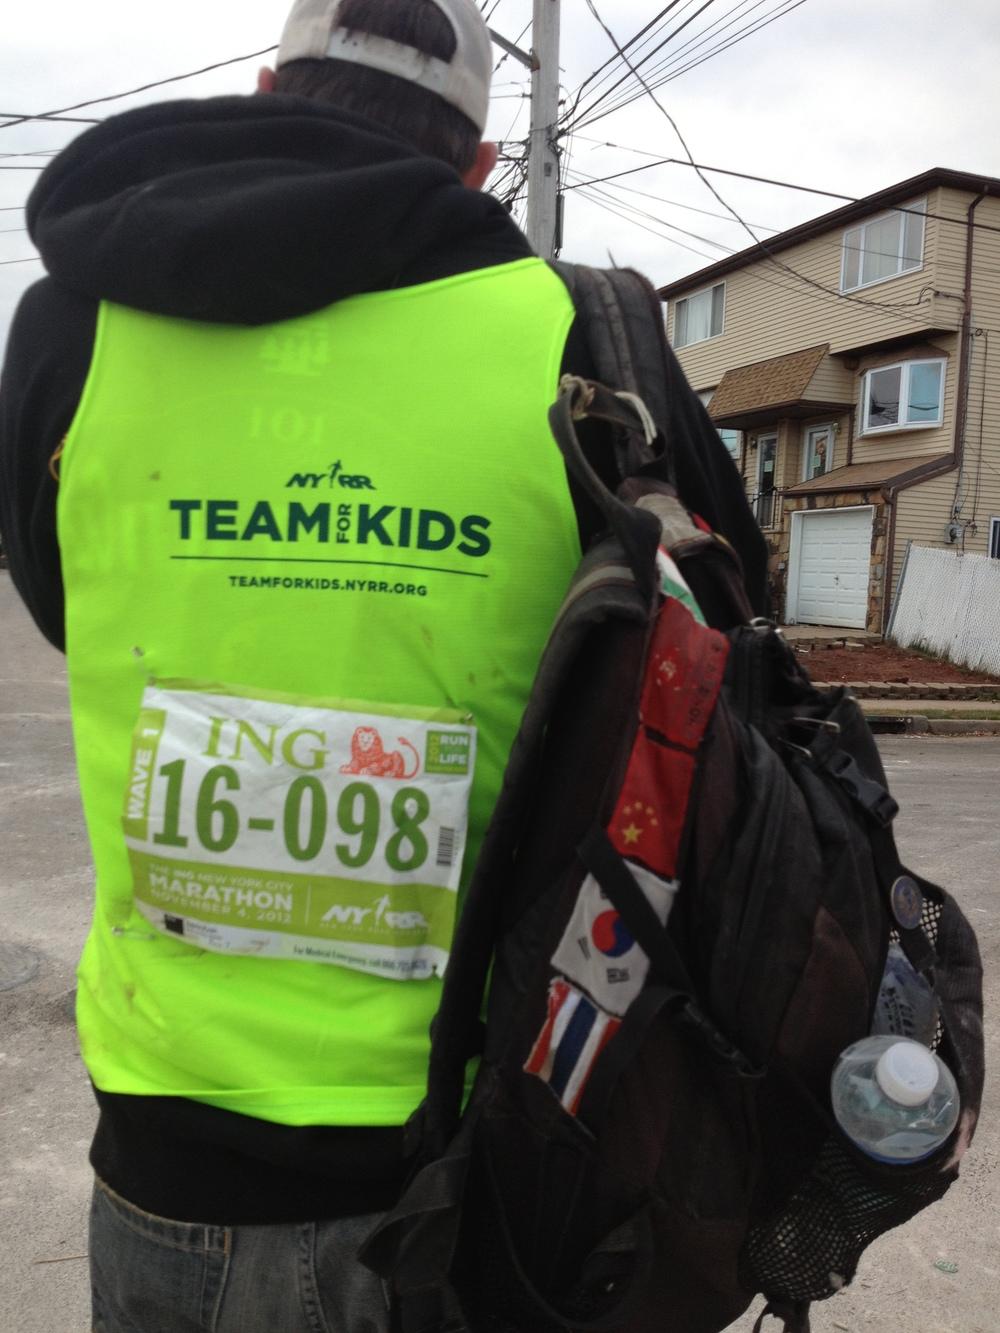 Marathon runner turned SI volunteer